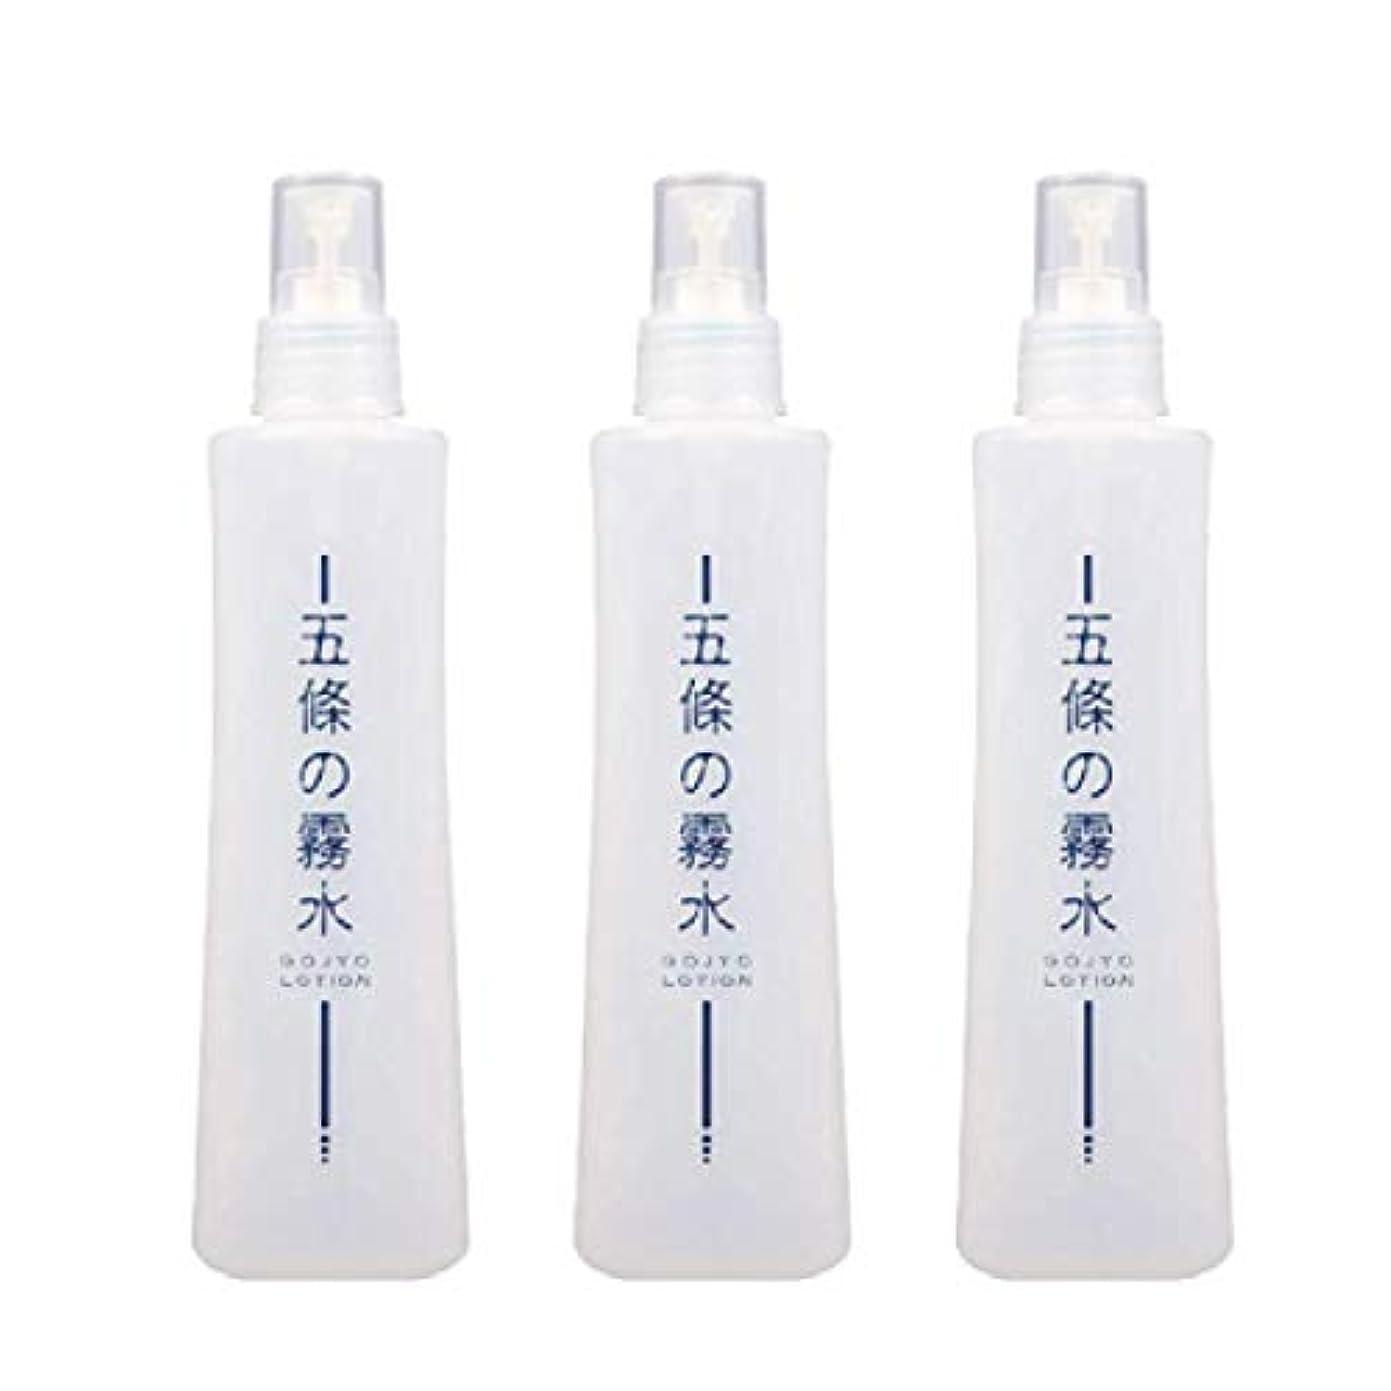 アカデミック湿原滅多五條の霧水ベーシック(3本セット) +アレッポの石鹸1個プレゼント 無添加保湿化粧水